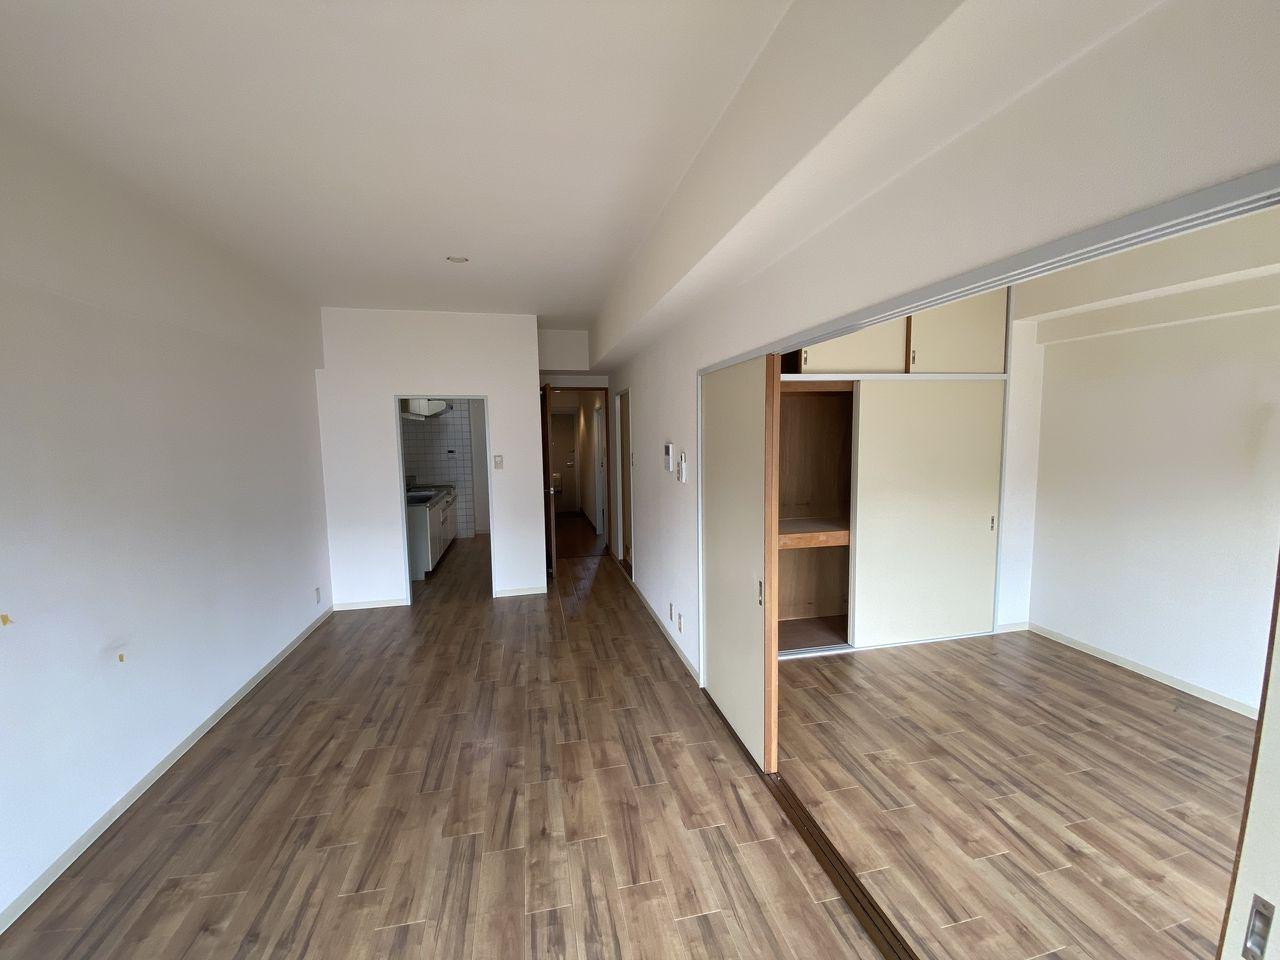 EV付たまプラーザ駅2分のマンションの第5正美ビルのの室内写真